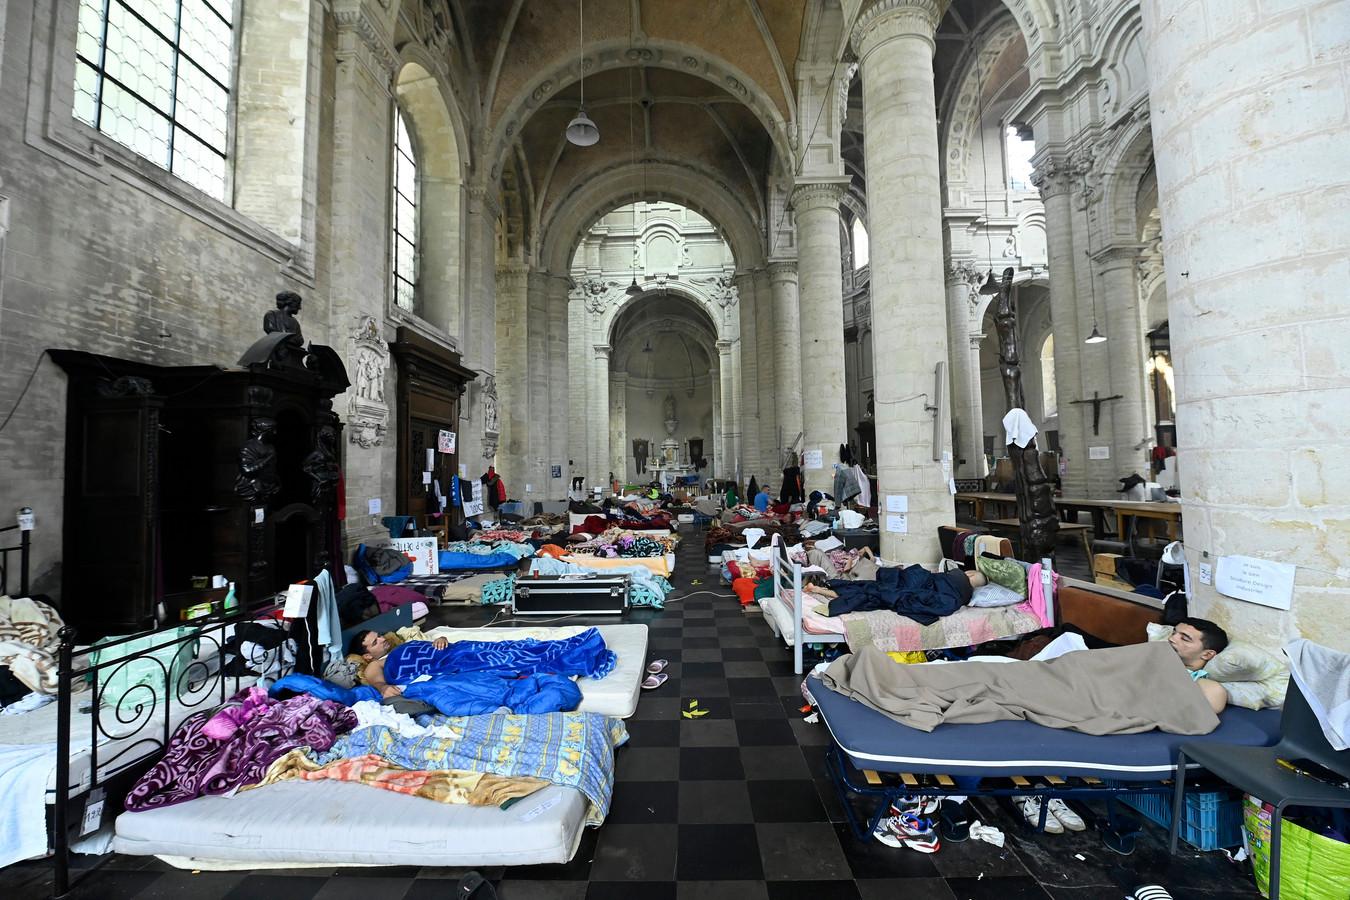 Plusieurs collectifs de sans-papiers occupent l'église du Béguinage à Bruxelles depuis la fin du mois de janvier. D'autres sont également présents sur les campus de l'ULB et de la VUB.